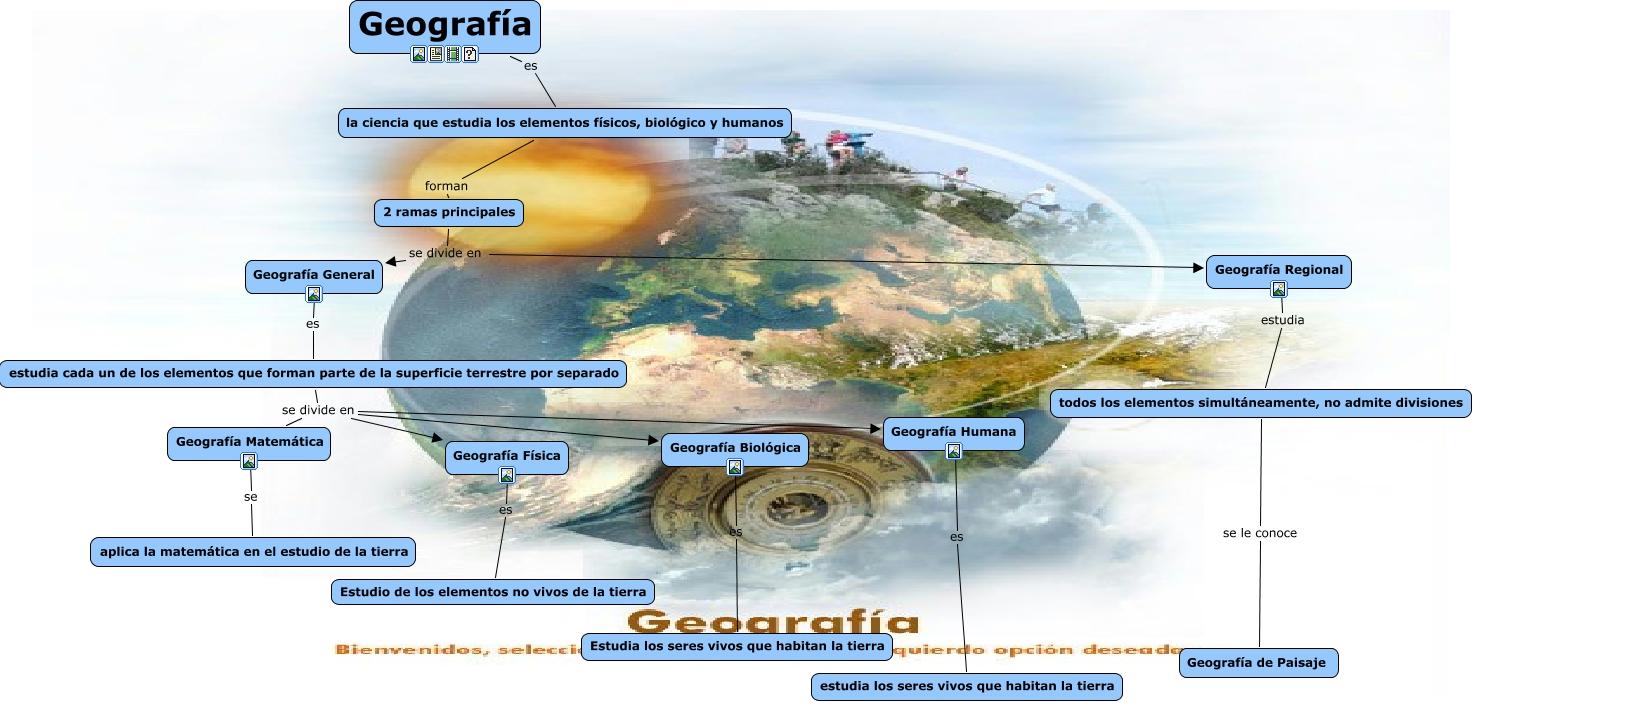 Geografia angie for Arquitectura que se estudia